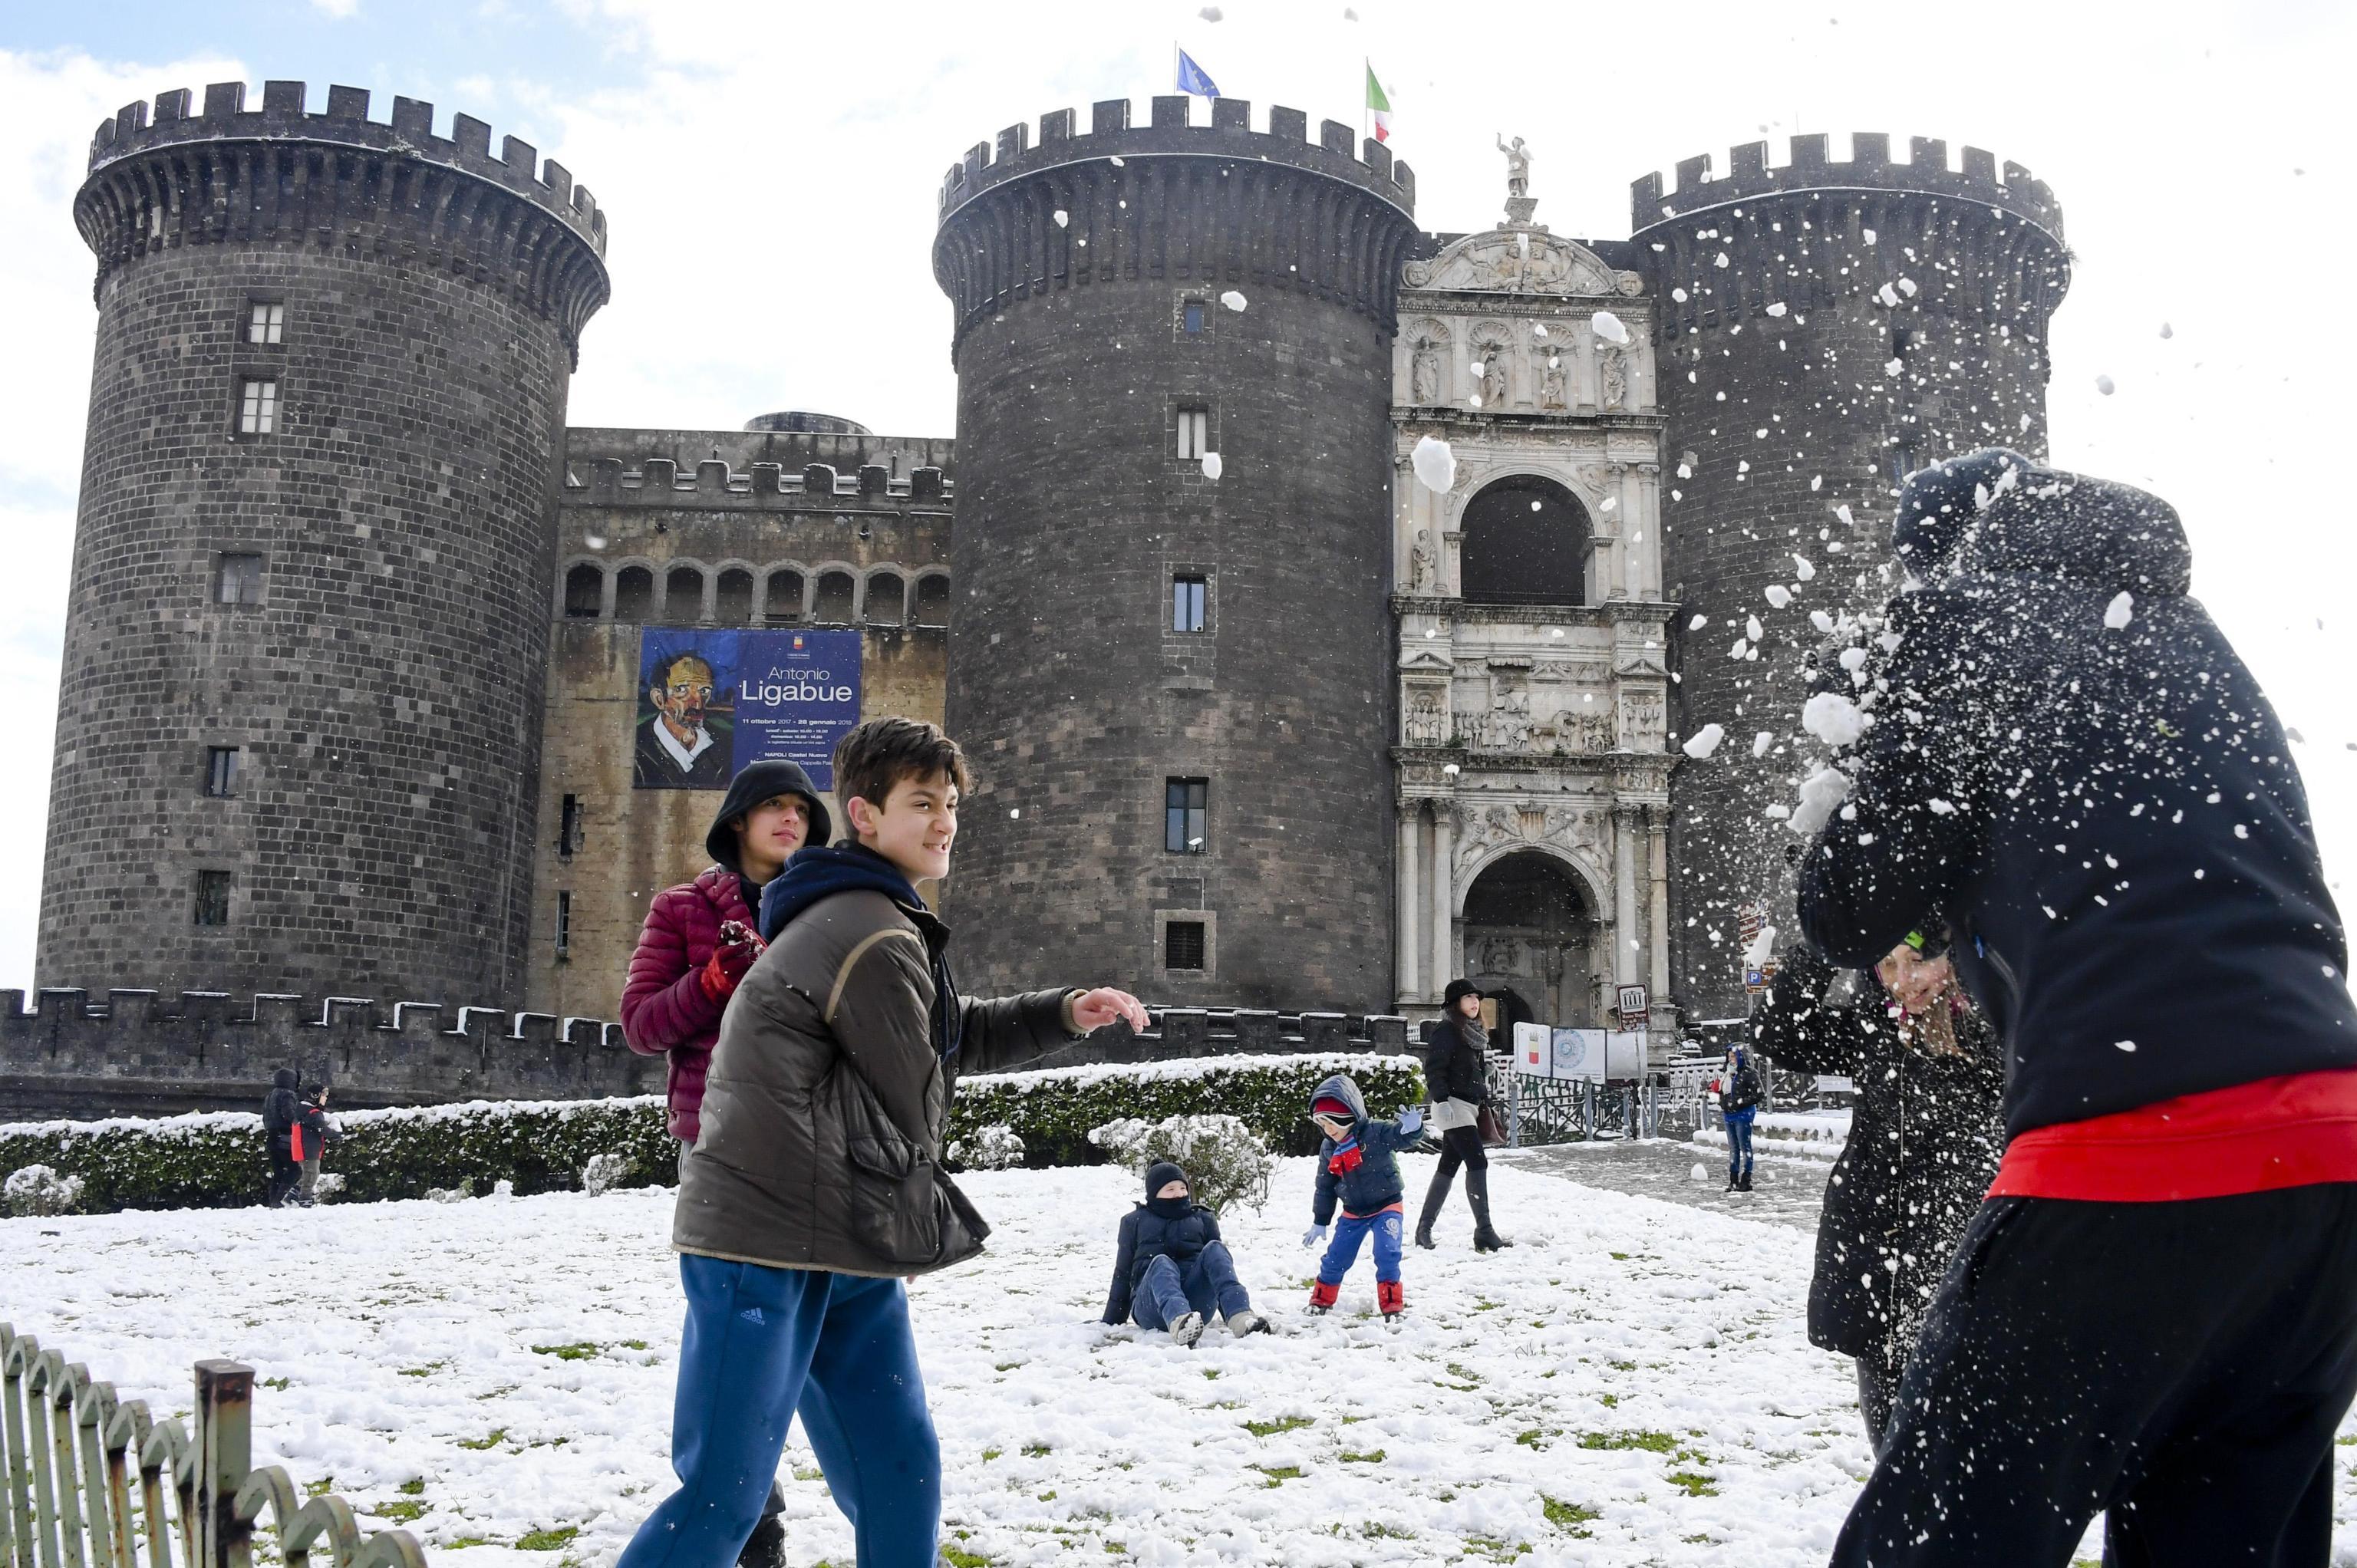 Guerra de nieve frente al castilloMaschio Angioino en Nápoles, Italia (Cesare Abbate/ANSA via AP)